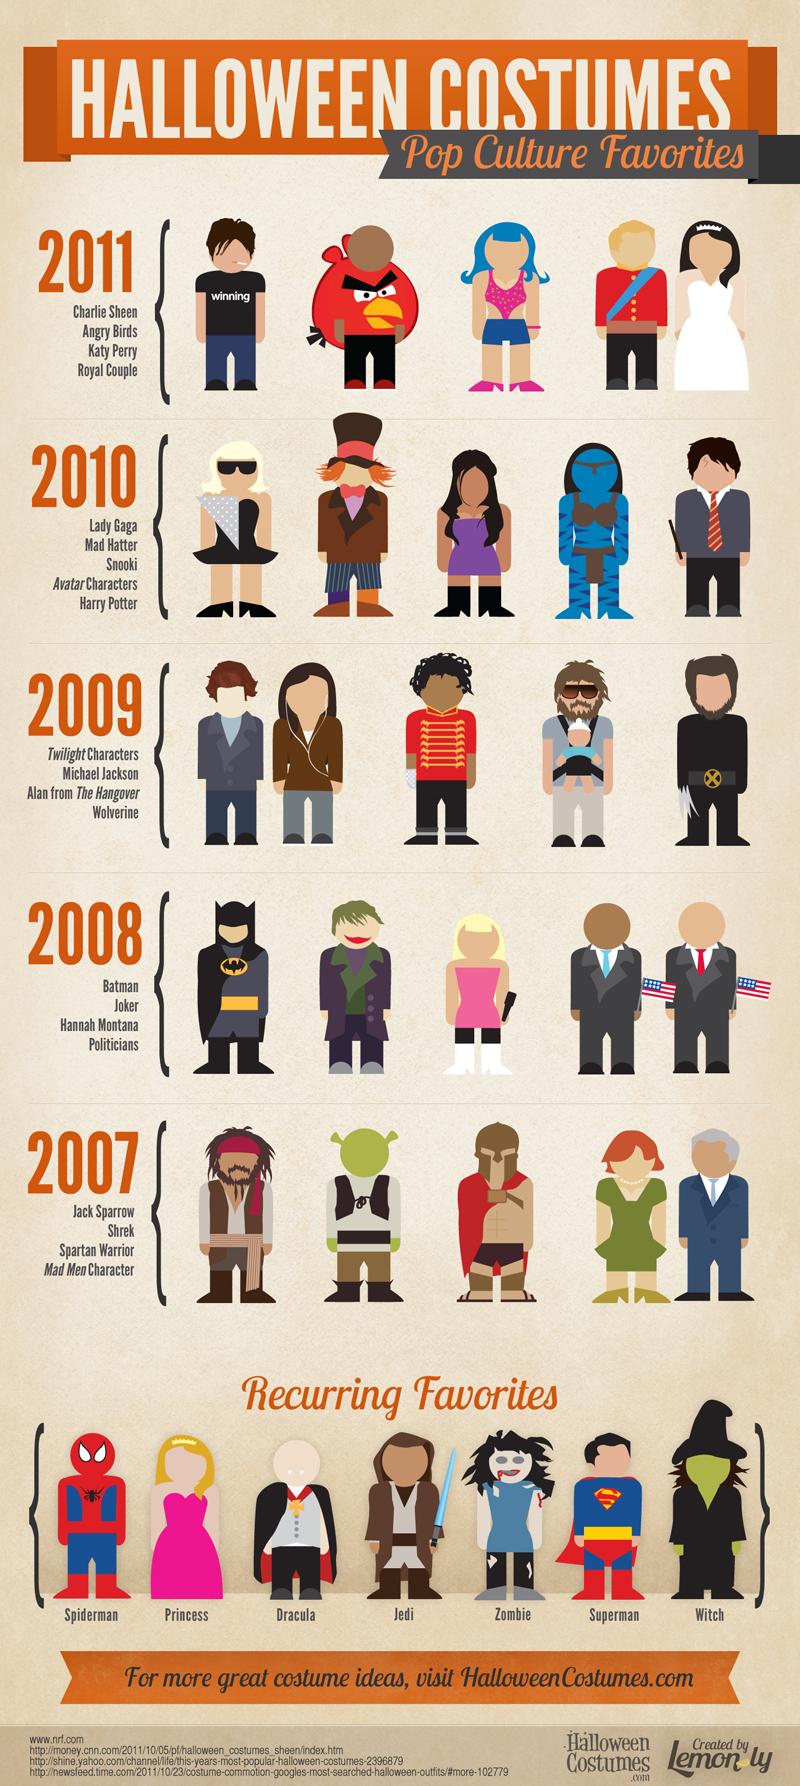 Halloween Costumes: Pop Culture Favorites